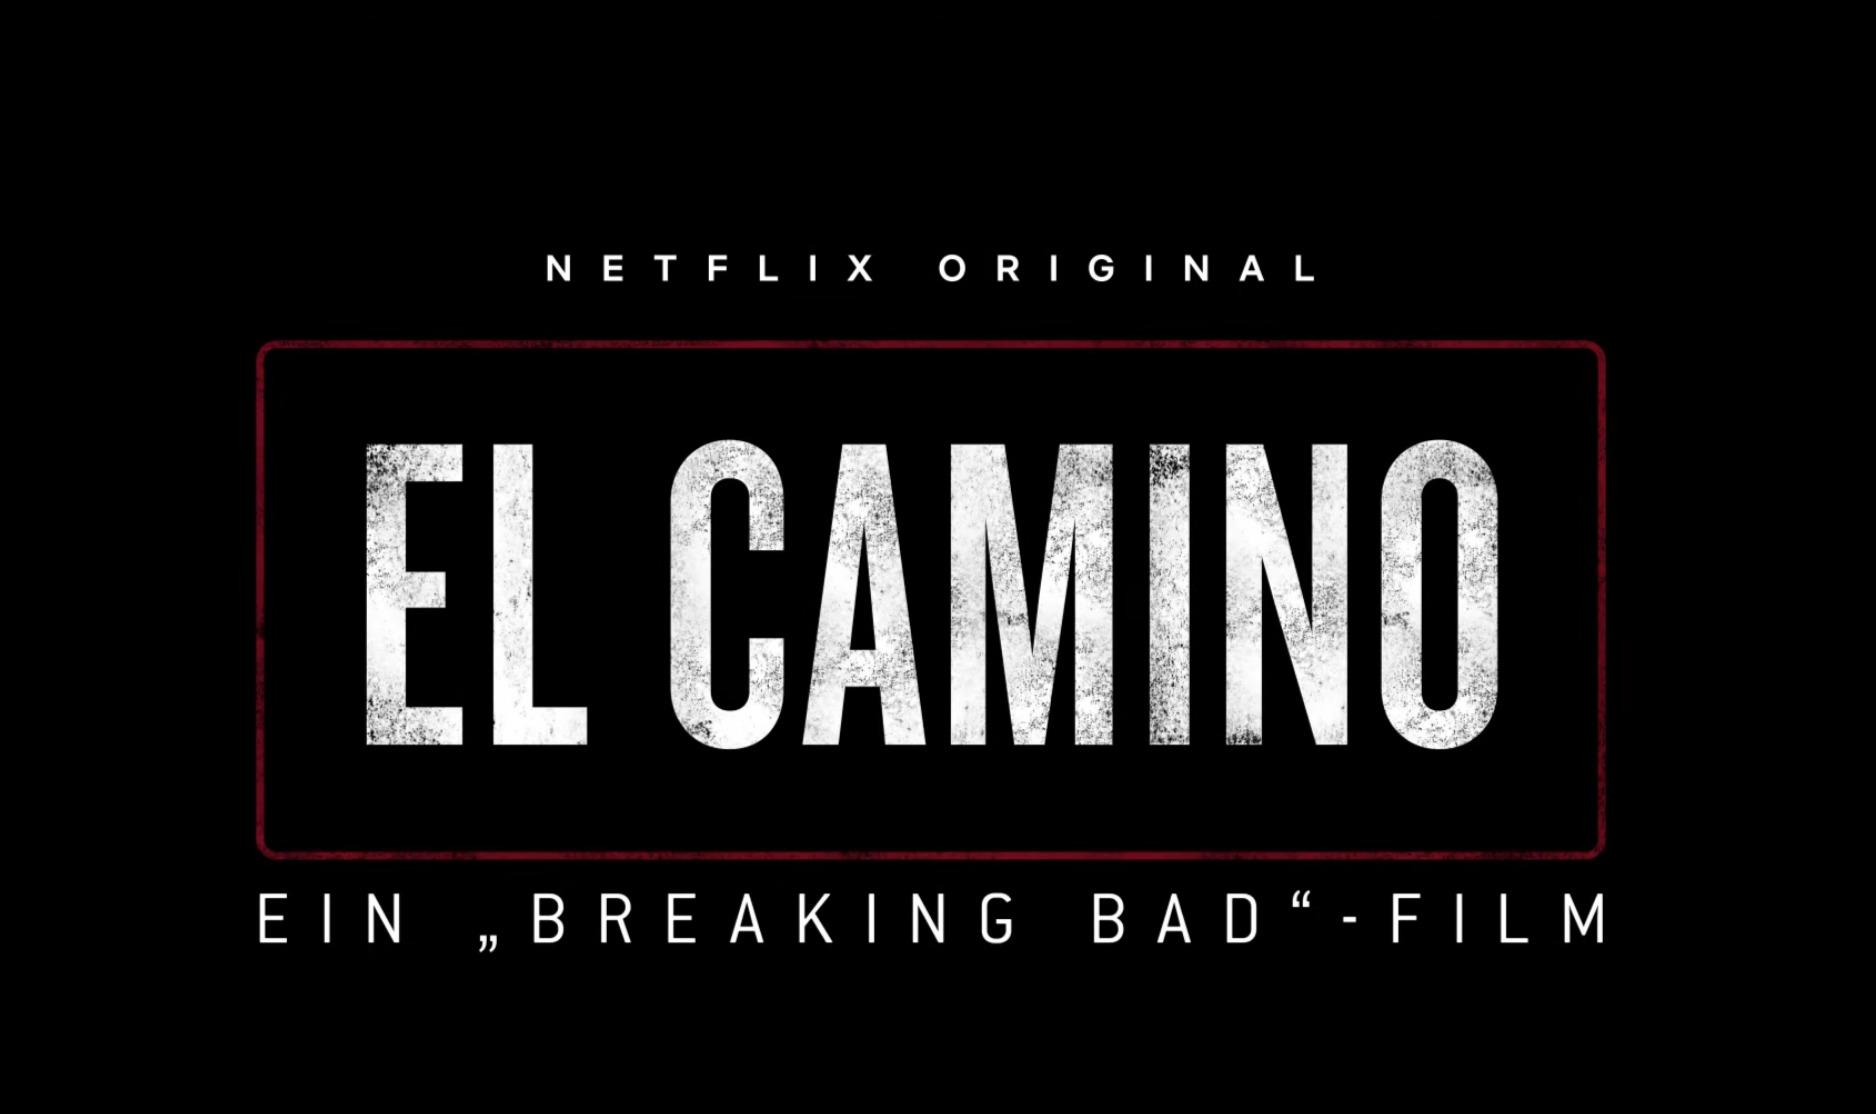 El Camino – Ein Breaking Bad-Film: Ab sofort bei Netflix verfügbar